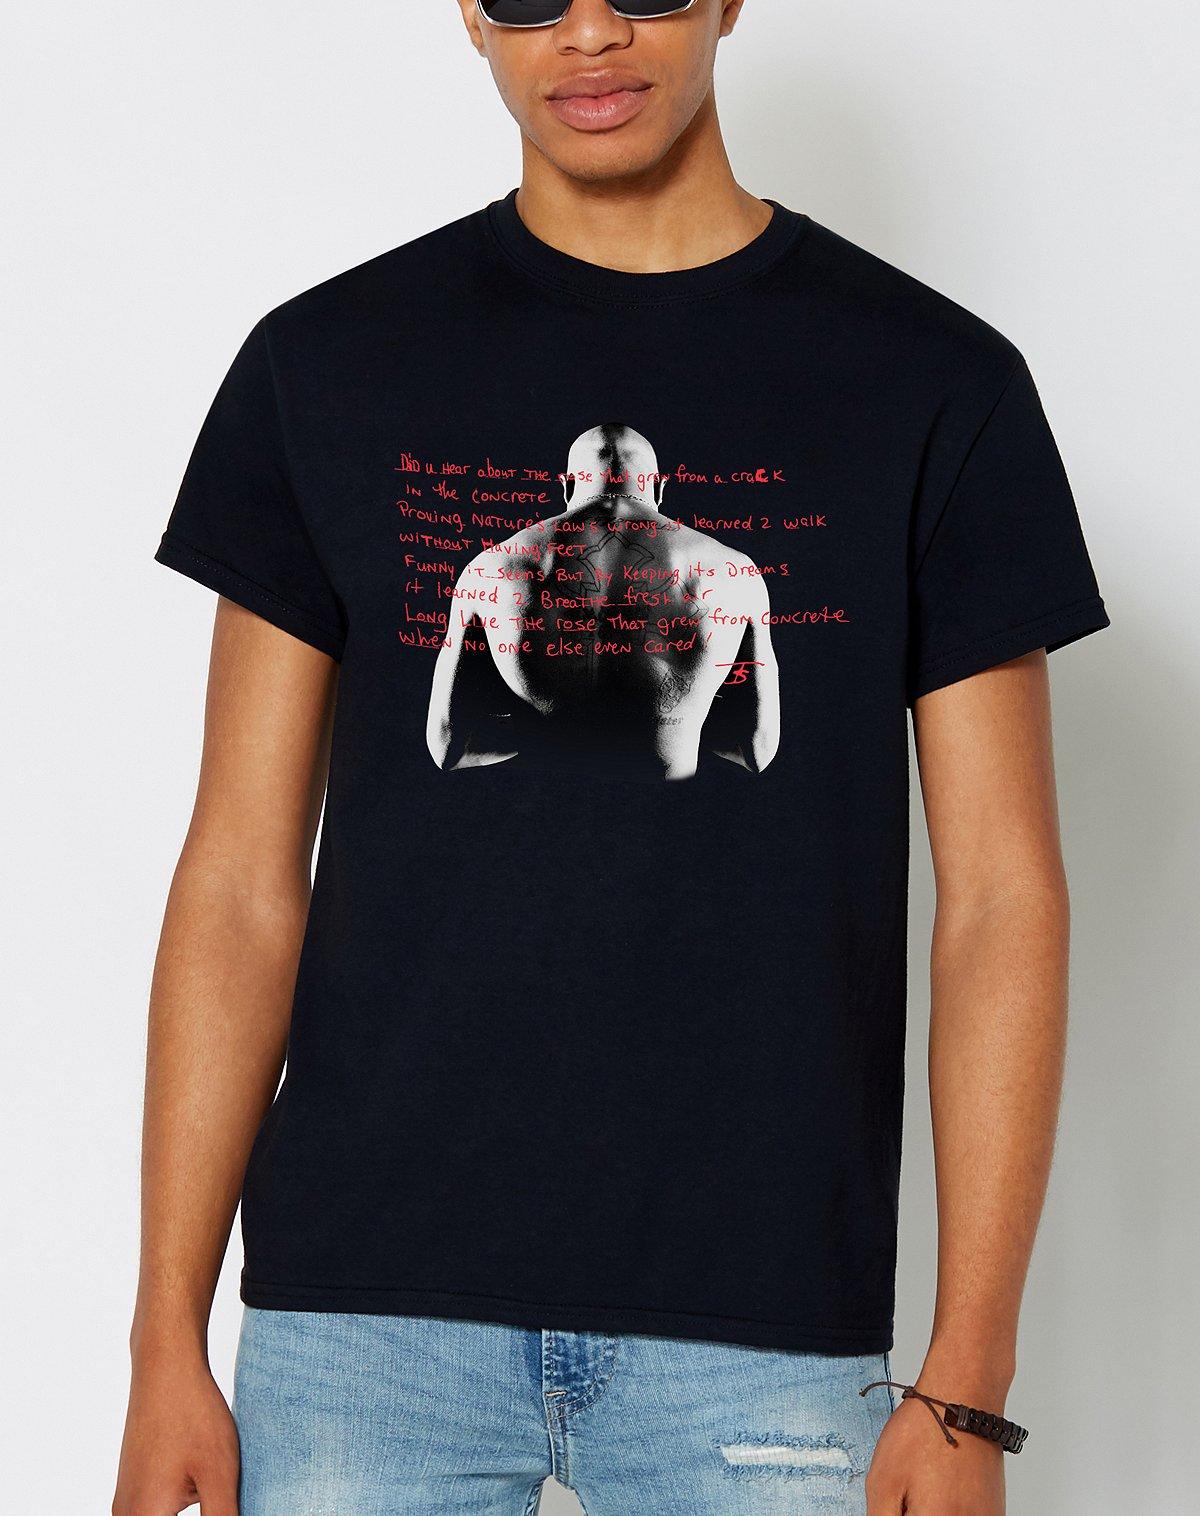 Tupac Poem T Shirt